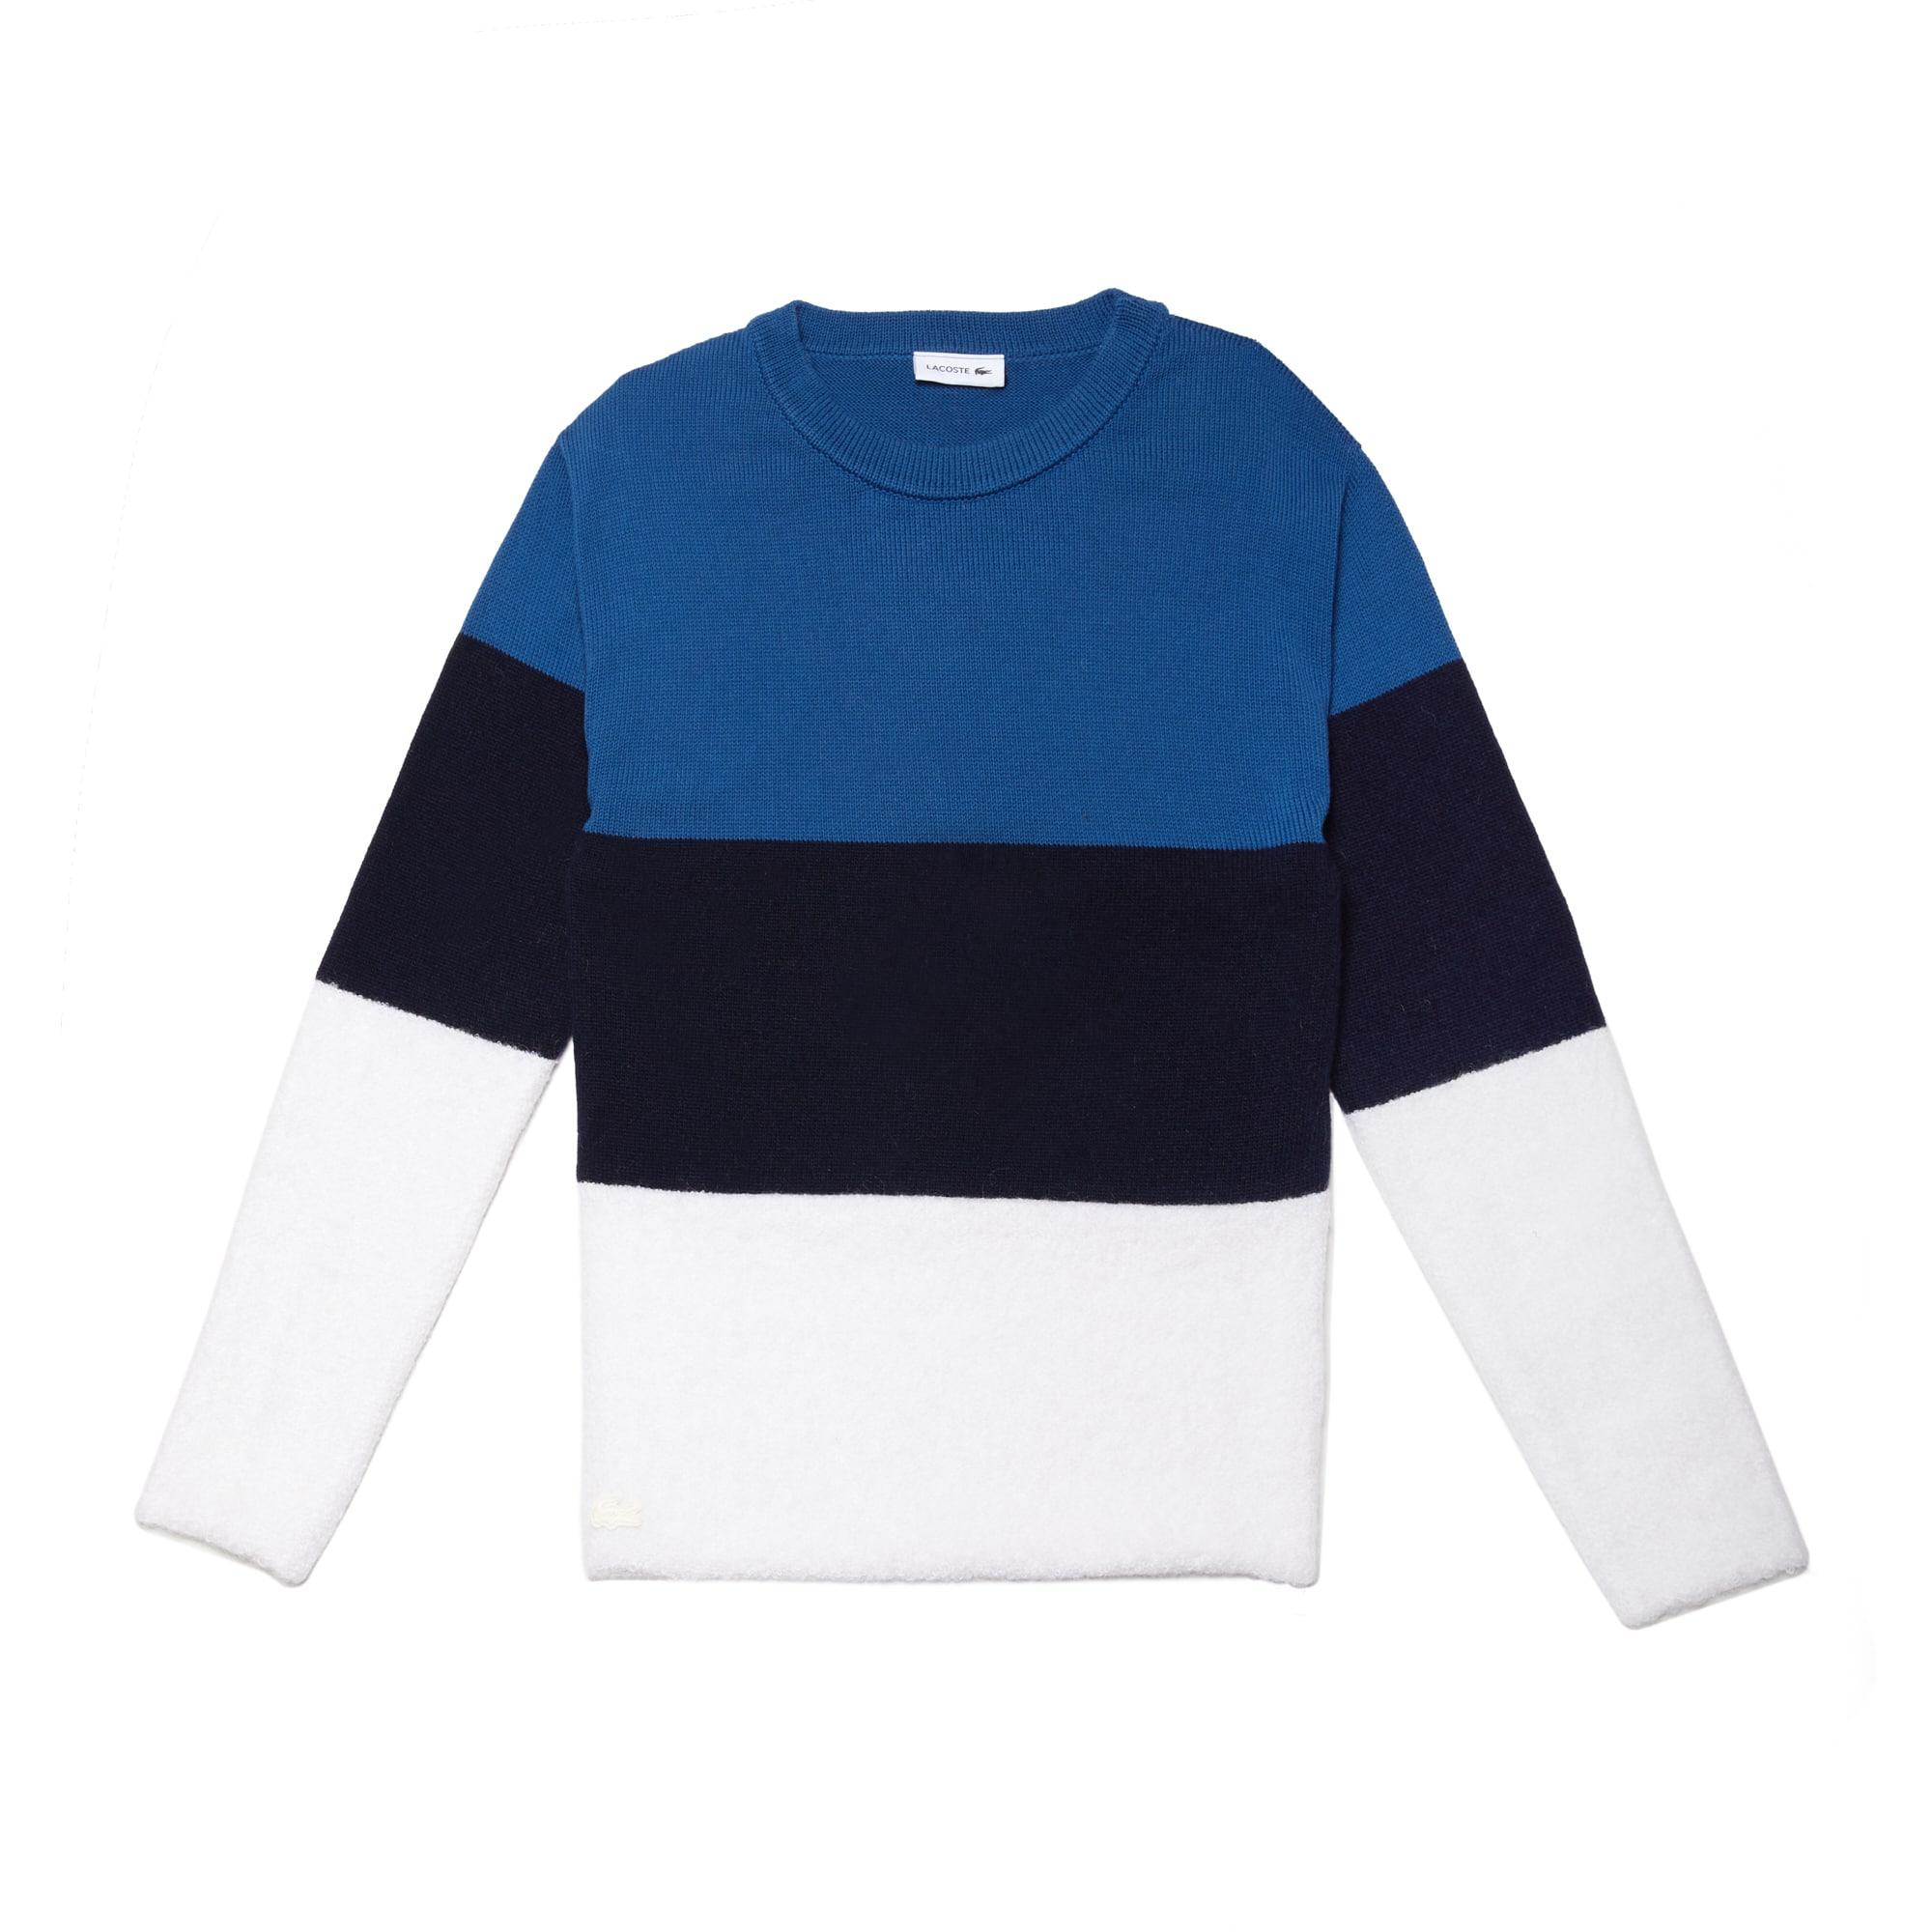 라코스테 스웨터 Lacoste Womens Crew Neck Colorblock Cotton, Mohair And Wool Jersey Sweater,geode/navy blue-inkwell